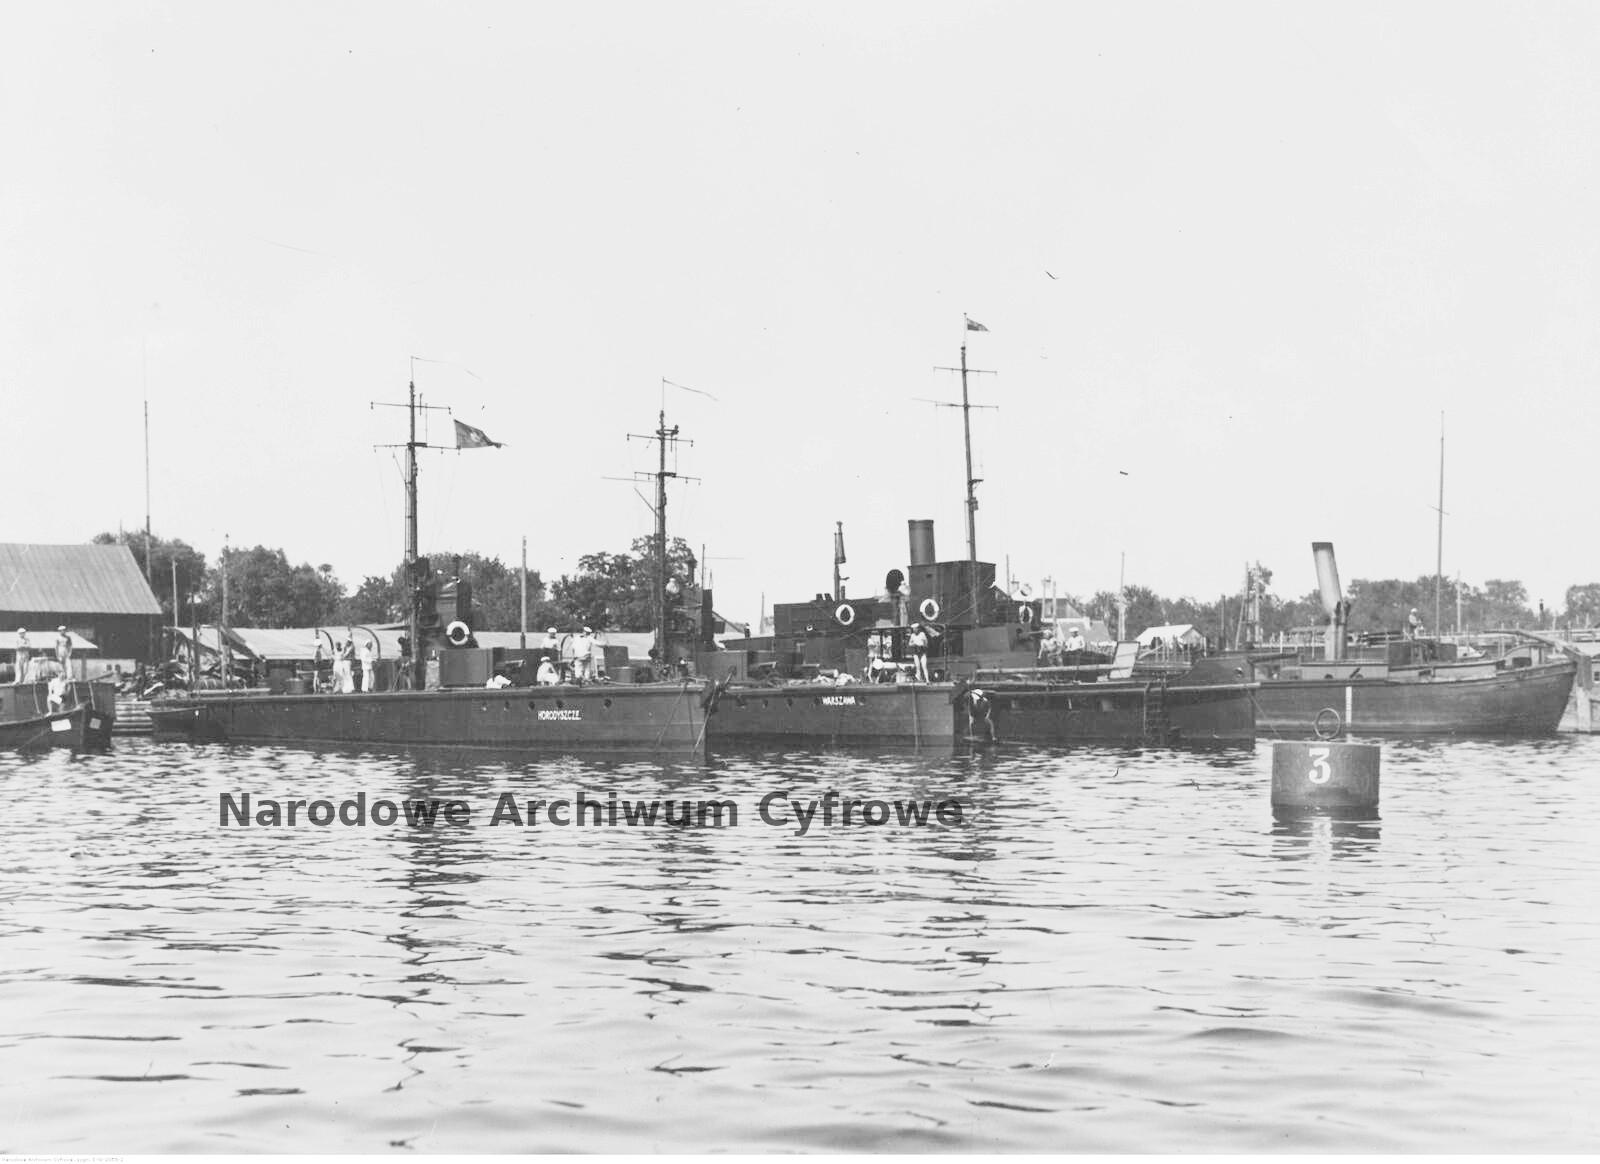 Flotylle rzeczne w II RP.